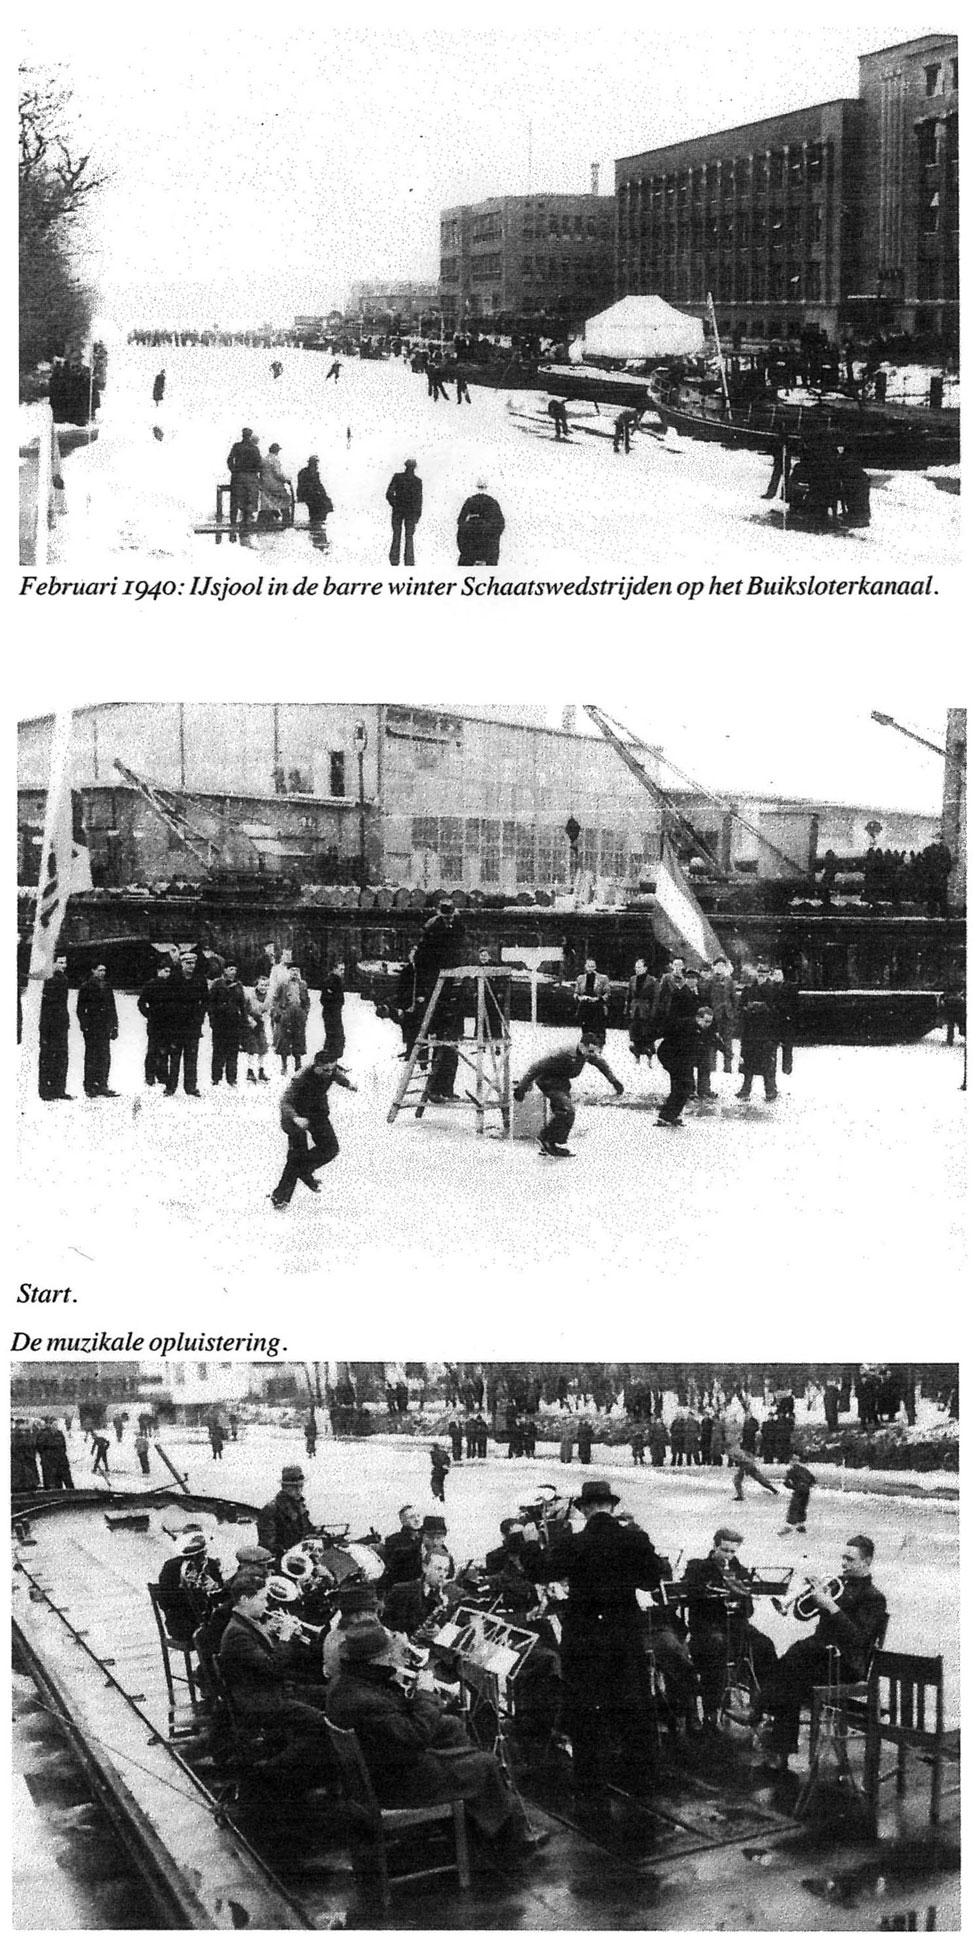 1940 Schaatswedstrijden op het Buiksloterkanaal